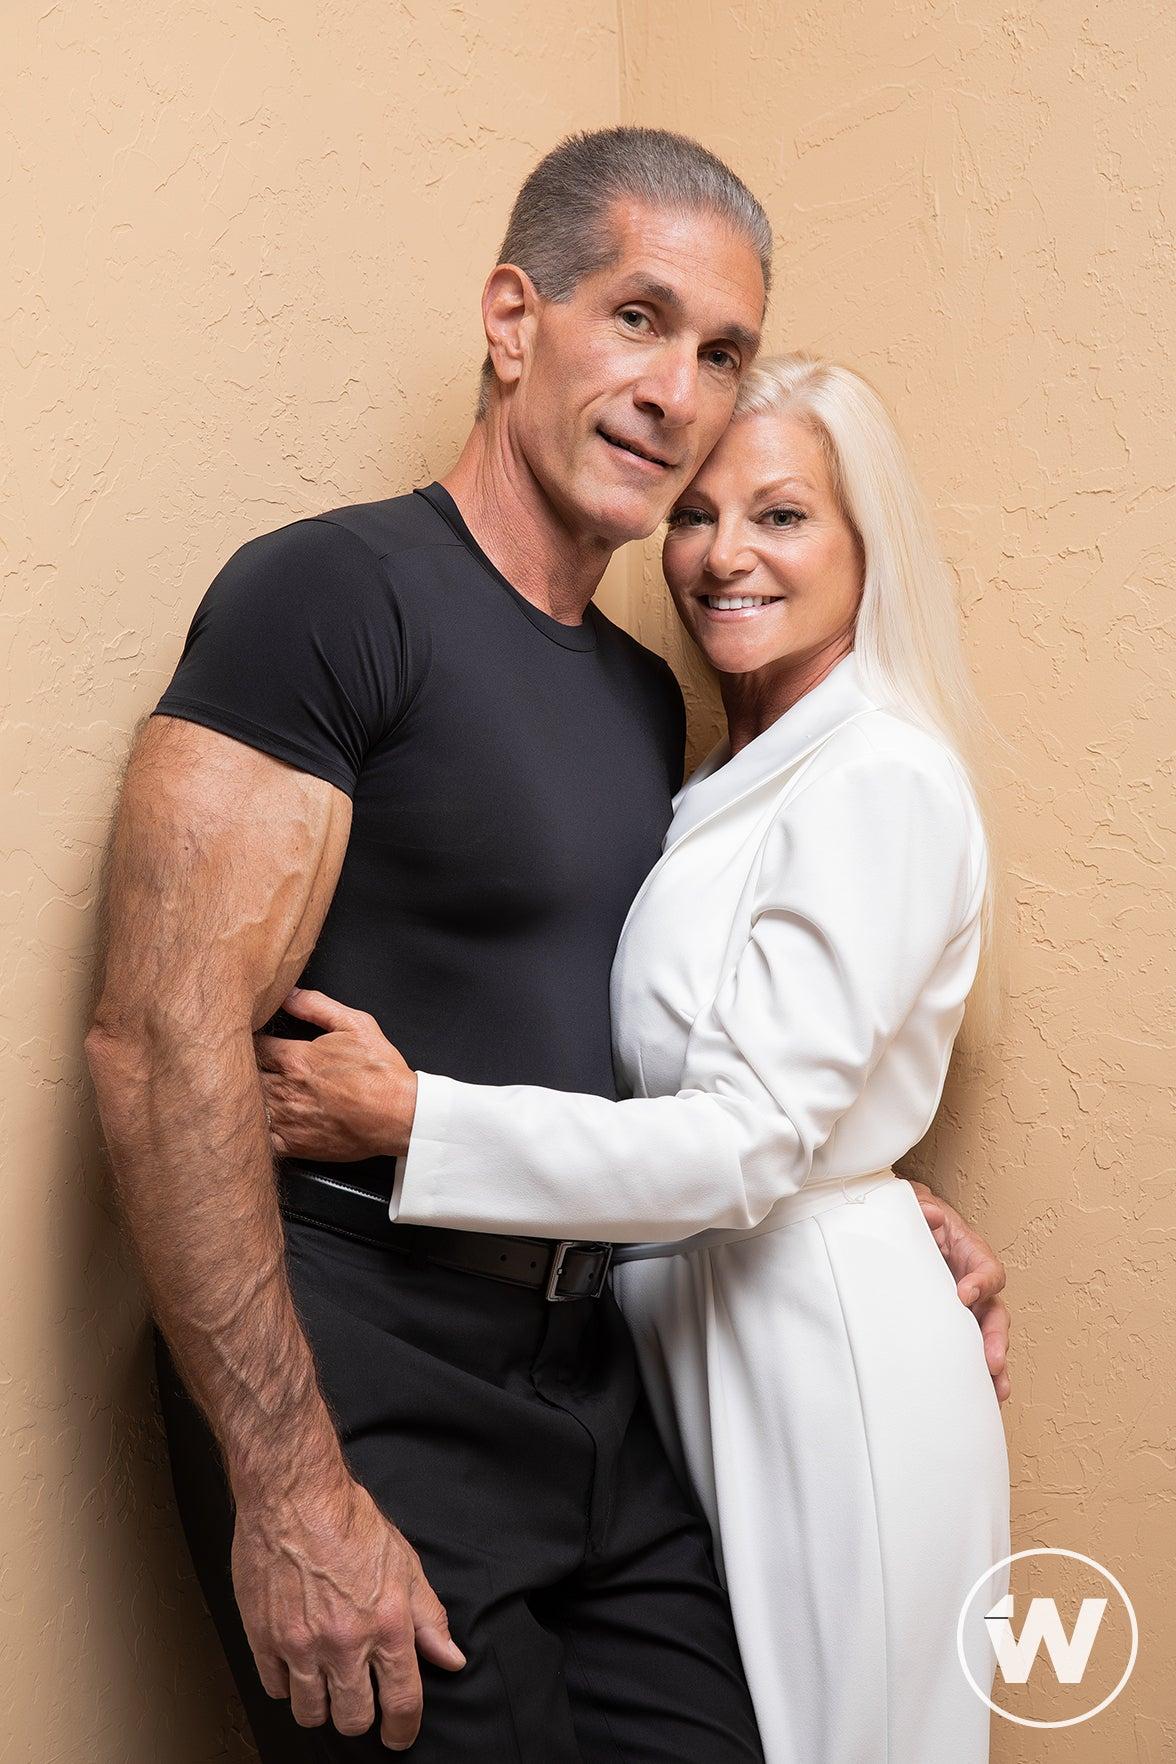 PeeWee Piemonte and Julie Michaels, SEAL Team